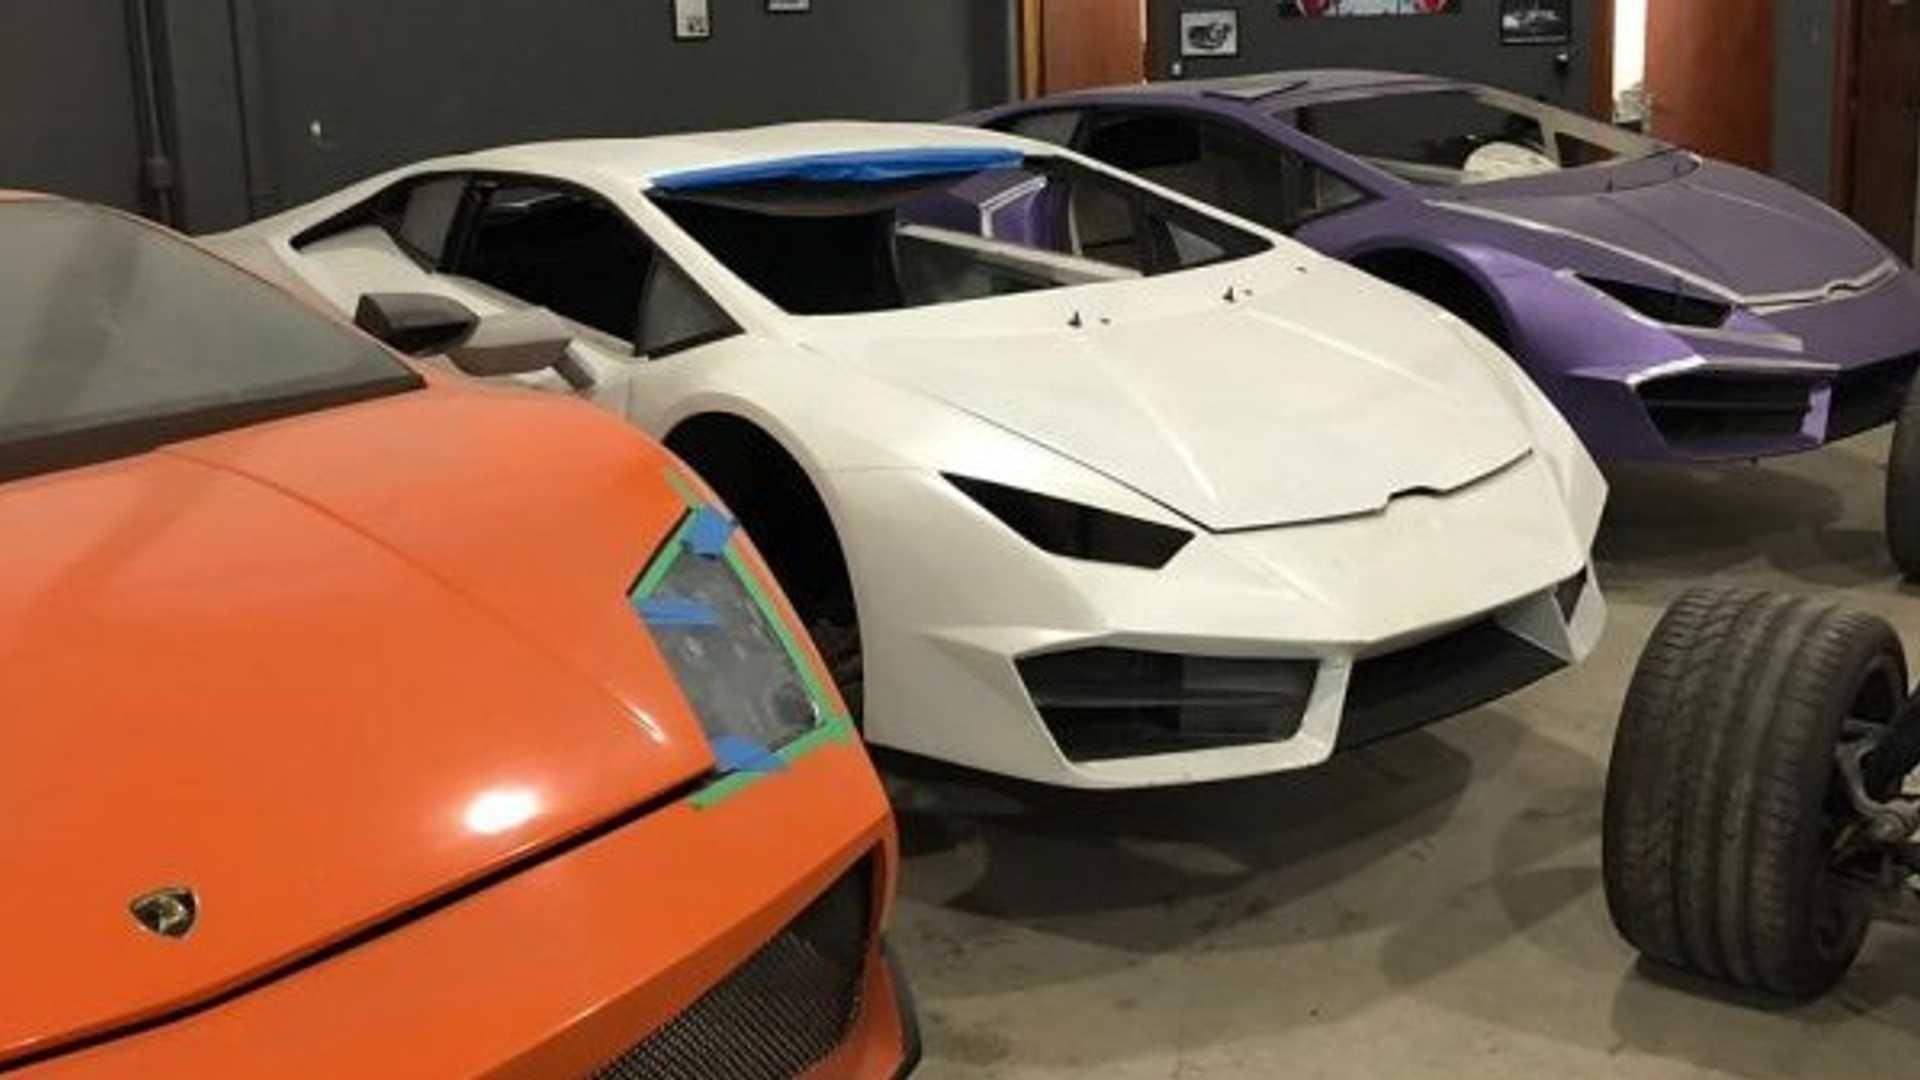 Полиция конфисковала поддельные суперкары Ferrari и Lamborghini